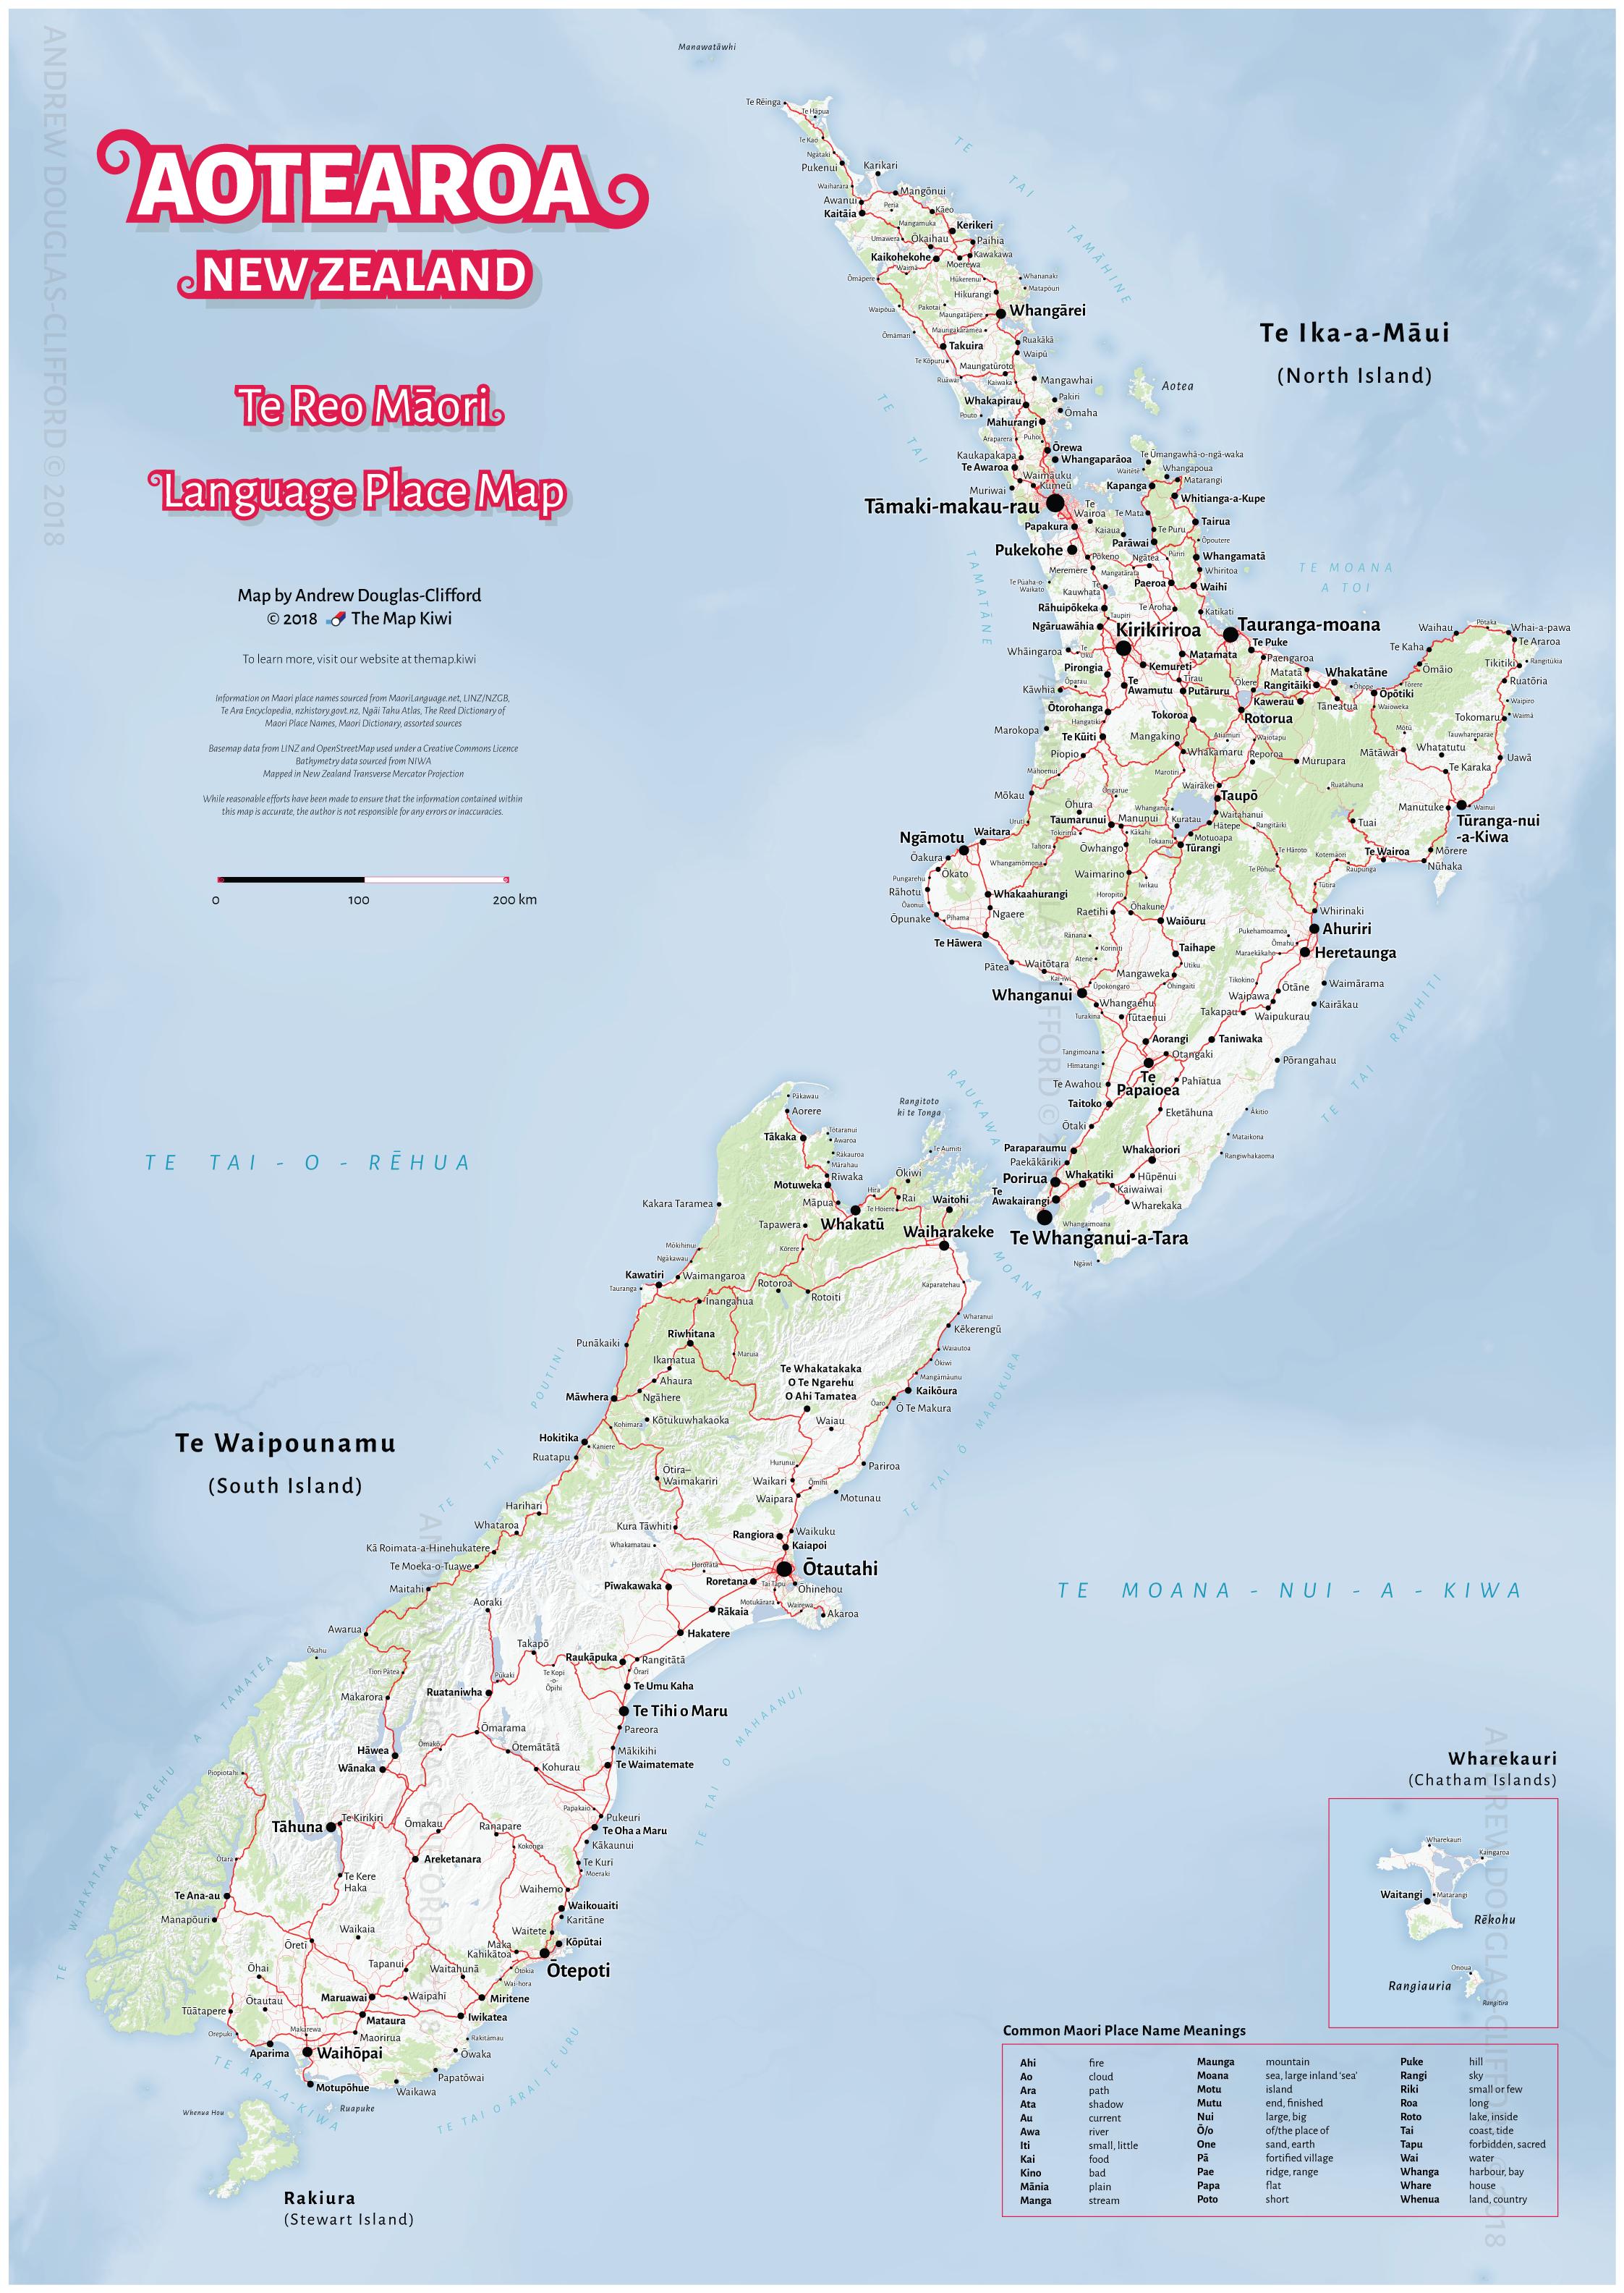 Map In New Zealand.Te Reo Maori Map Of Aotearoa New Zealand Print The Map Kiwi